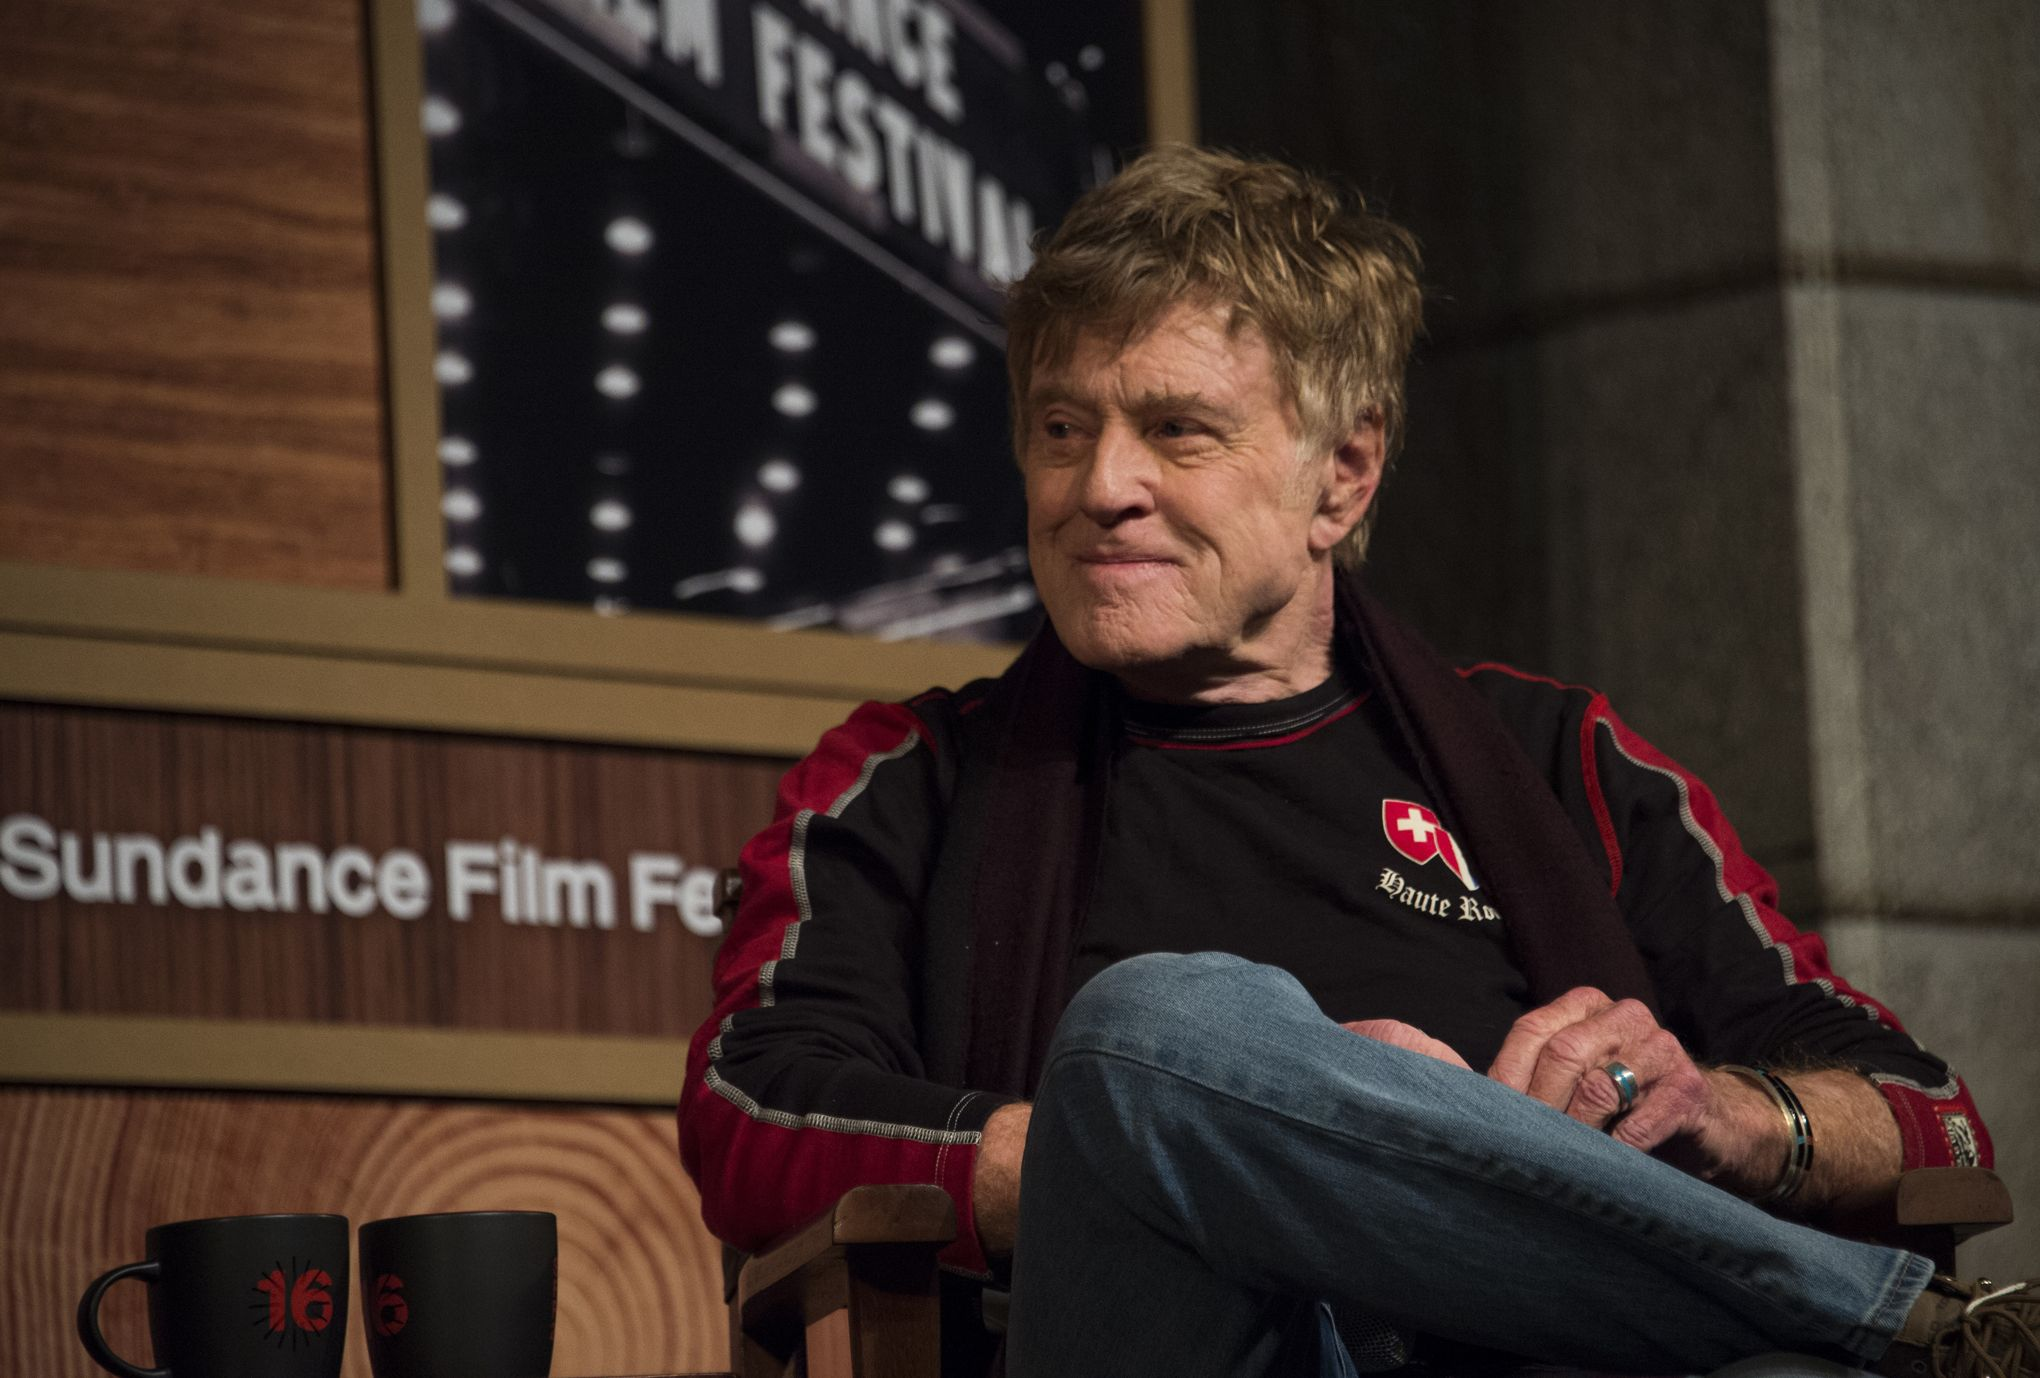 À Sundance, Robert Redford compte sur un «mouvement populaire» face à Donald Trump